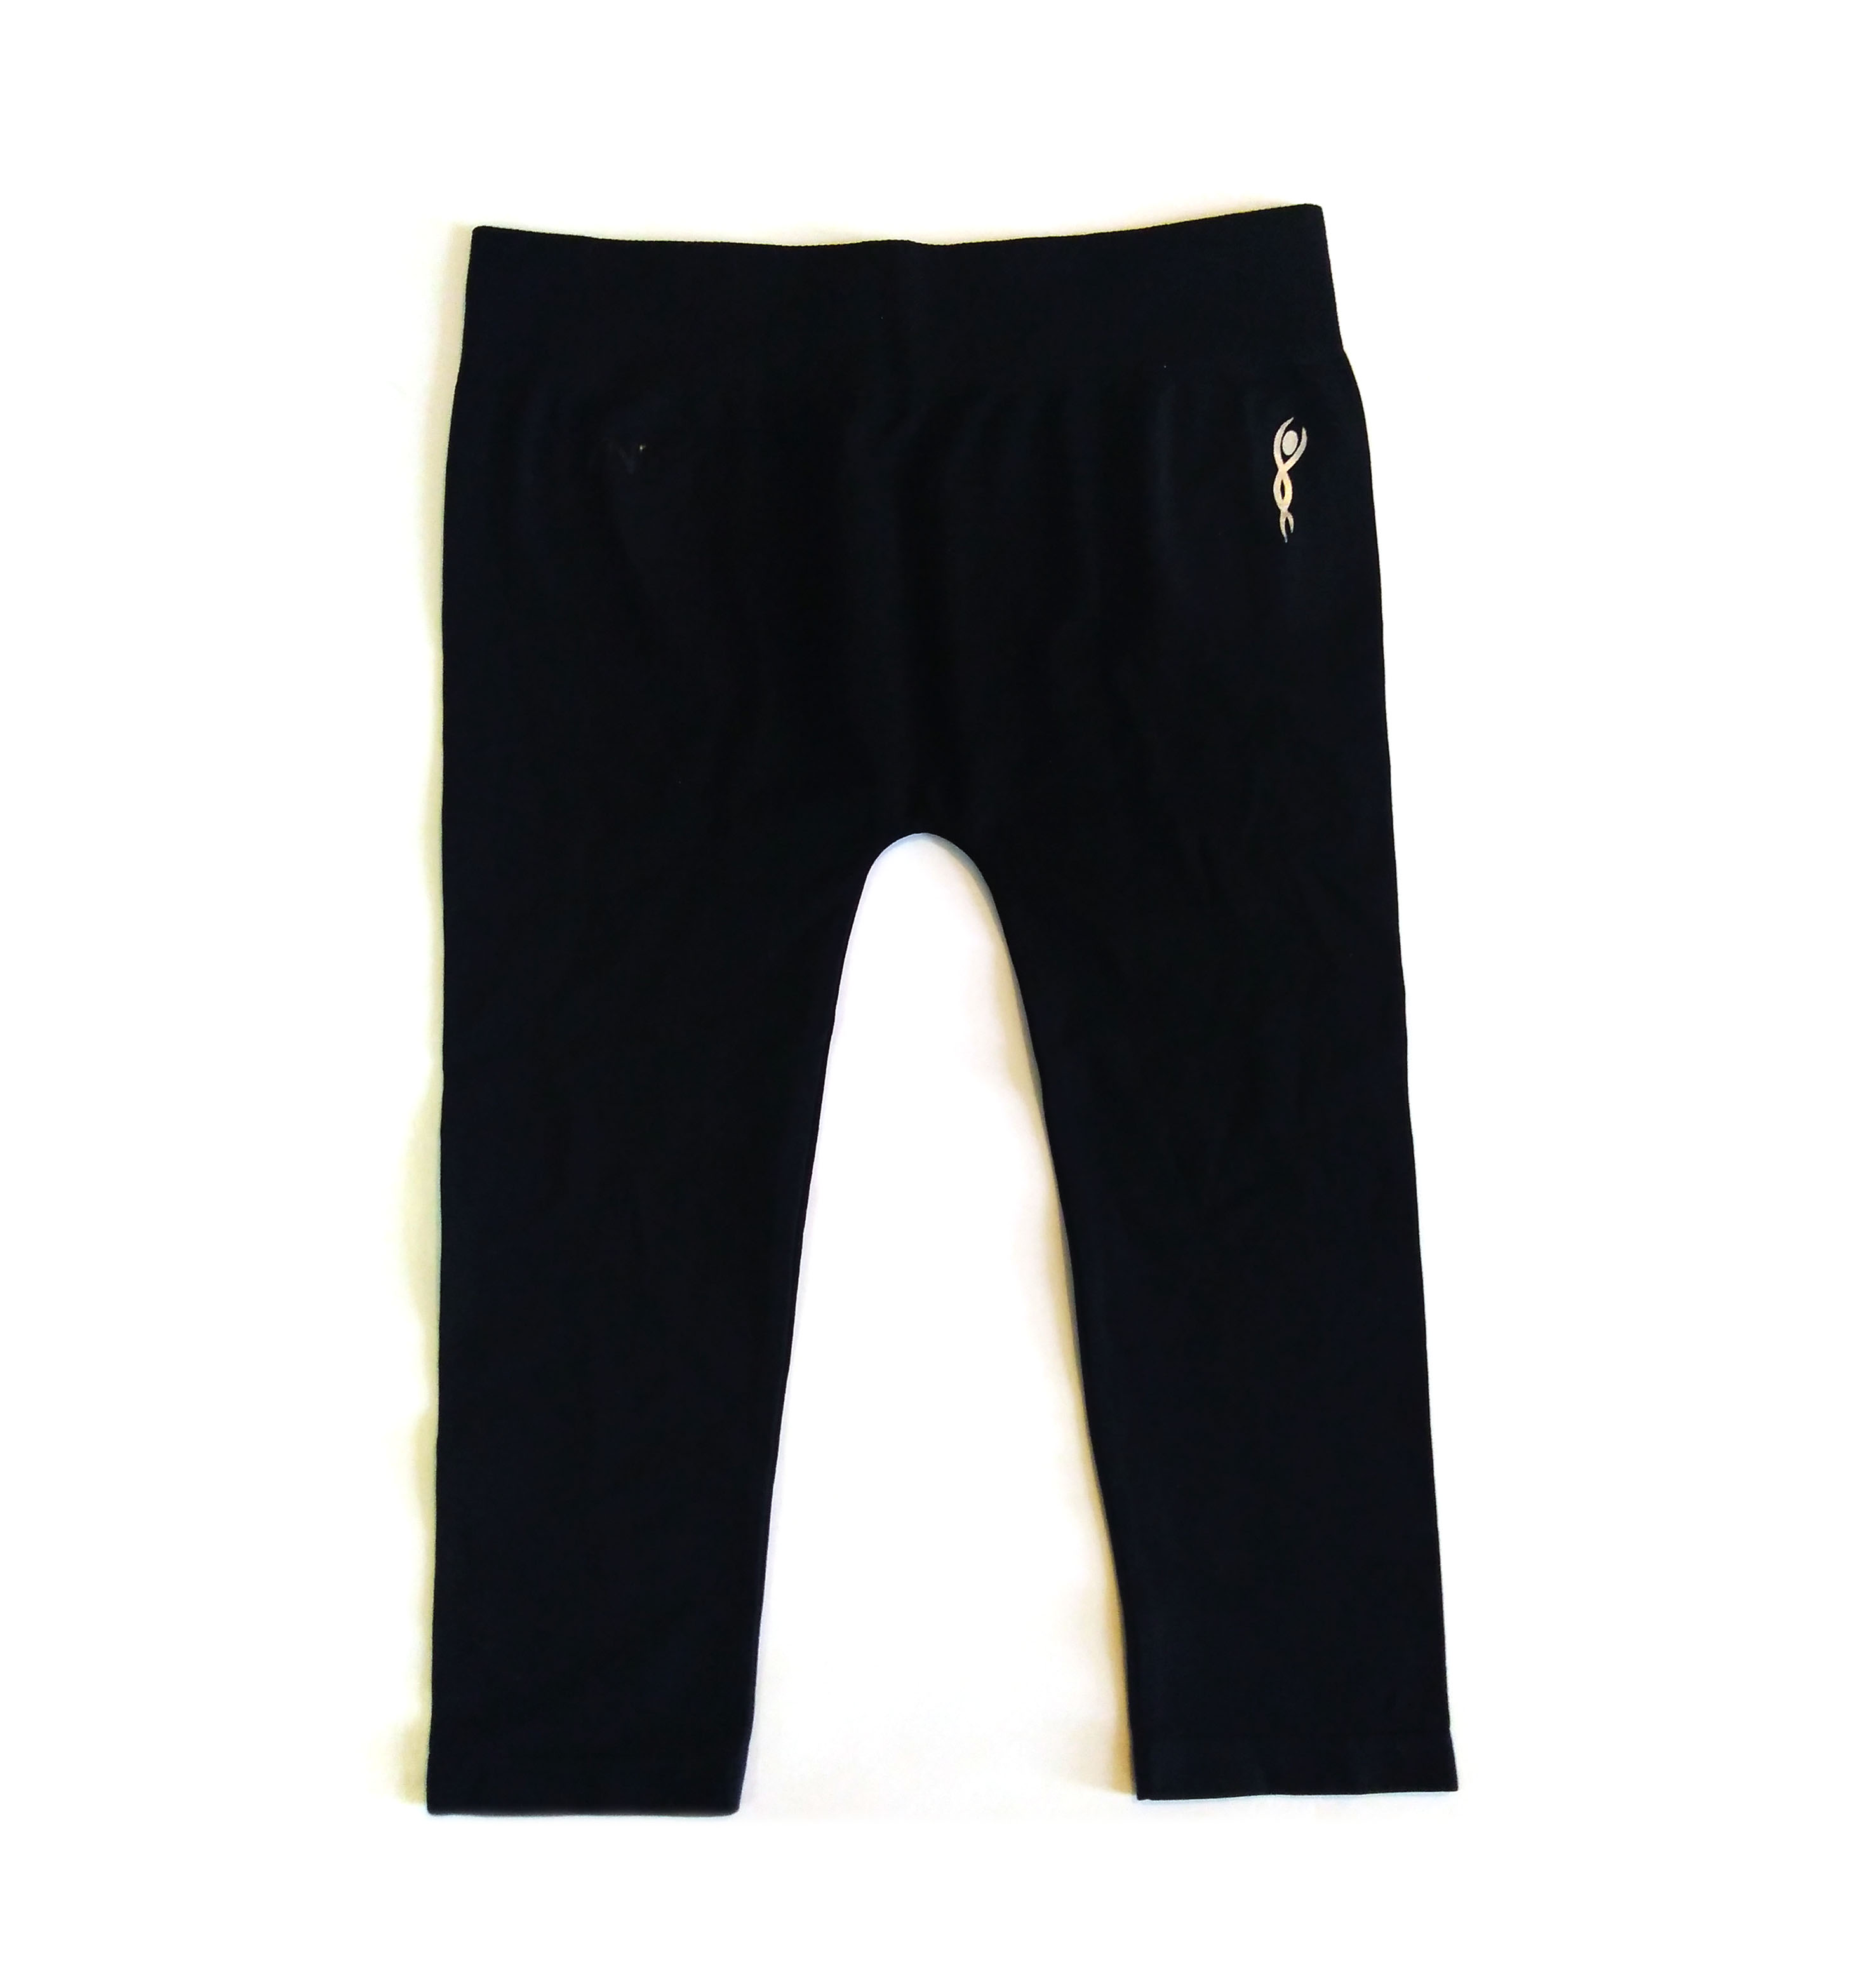 Calzas Capri Training VENTURELLI negro